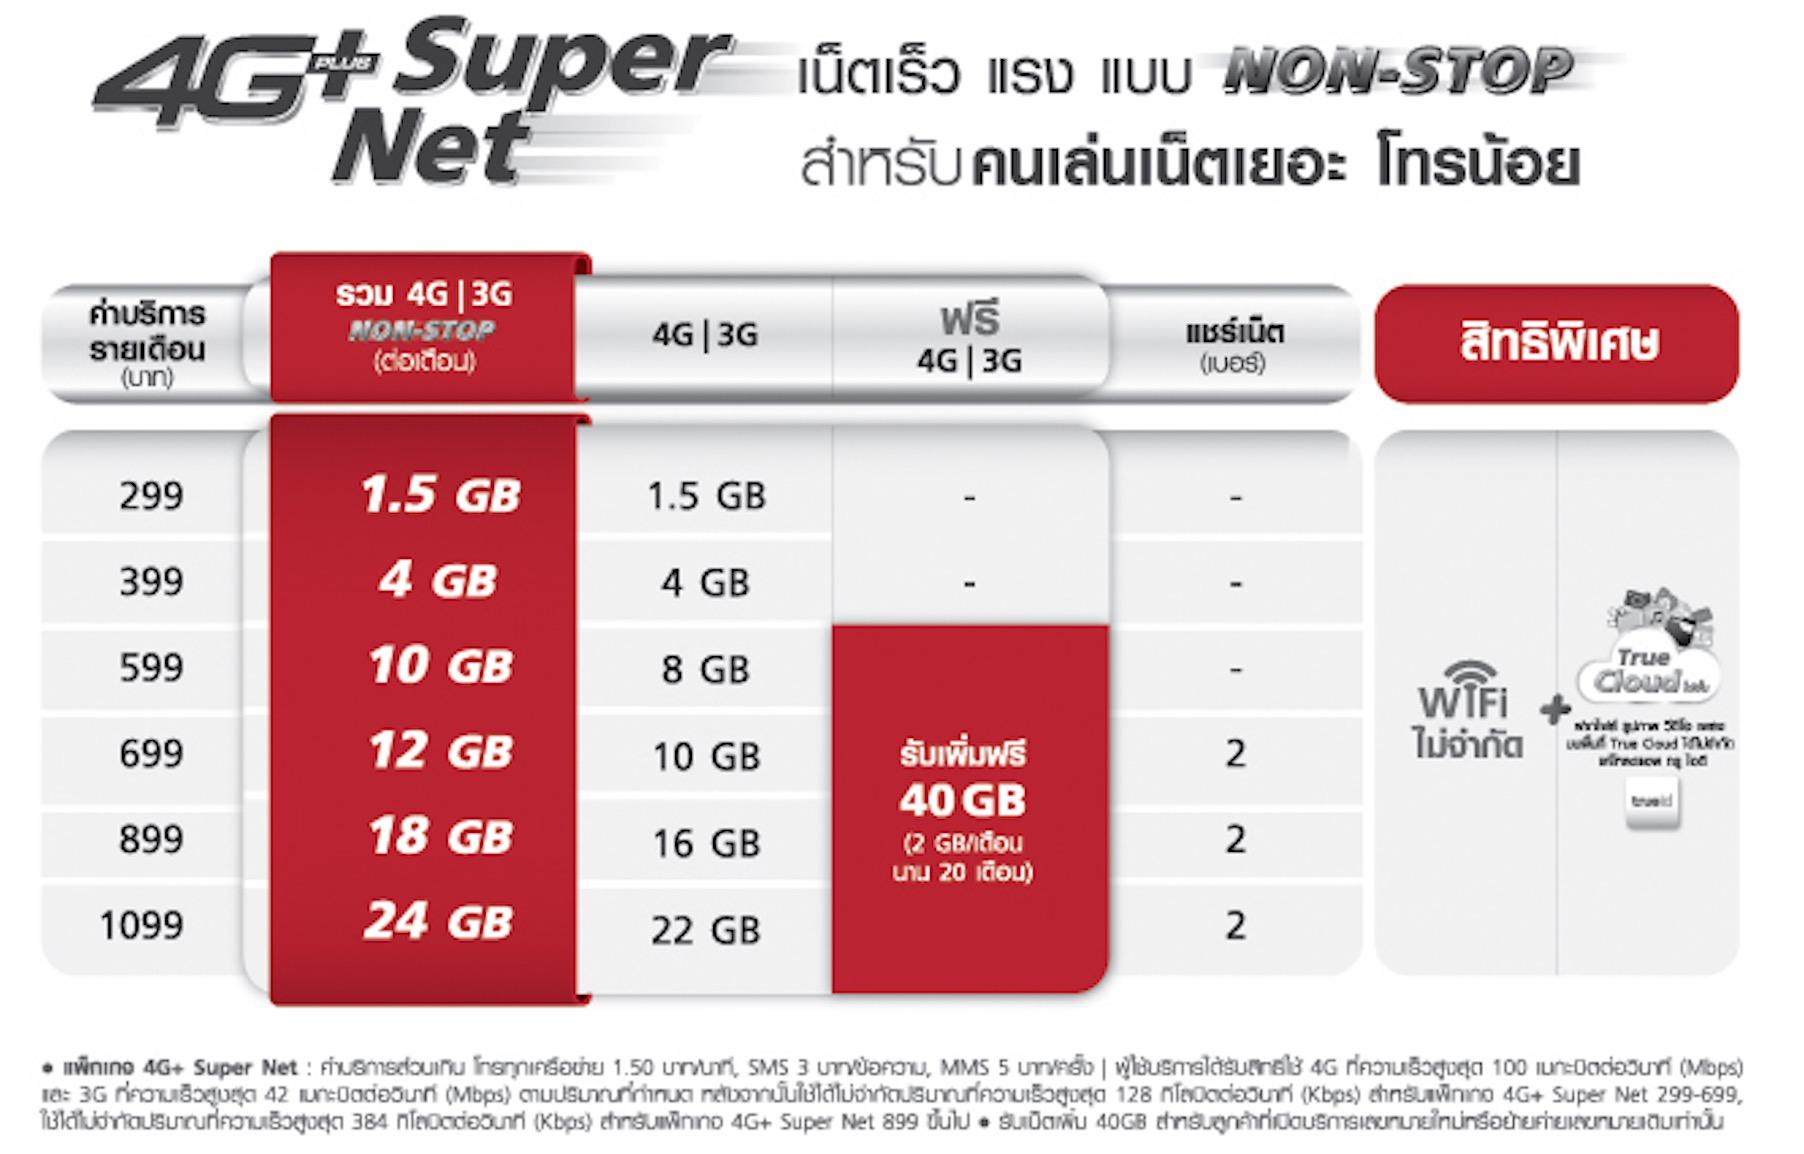 4g+ super net